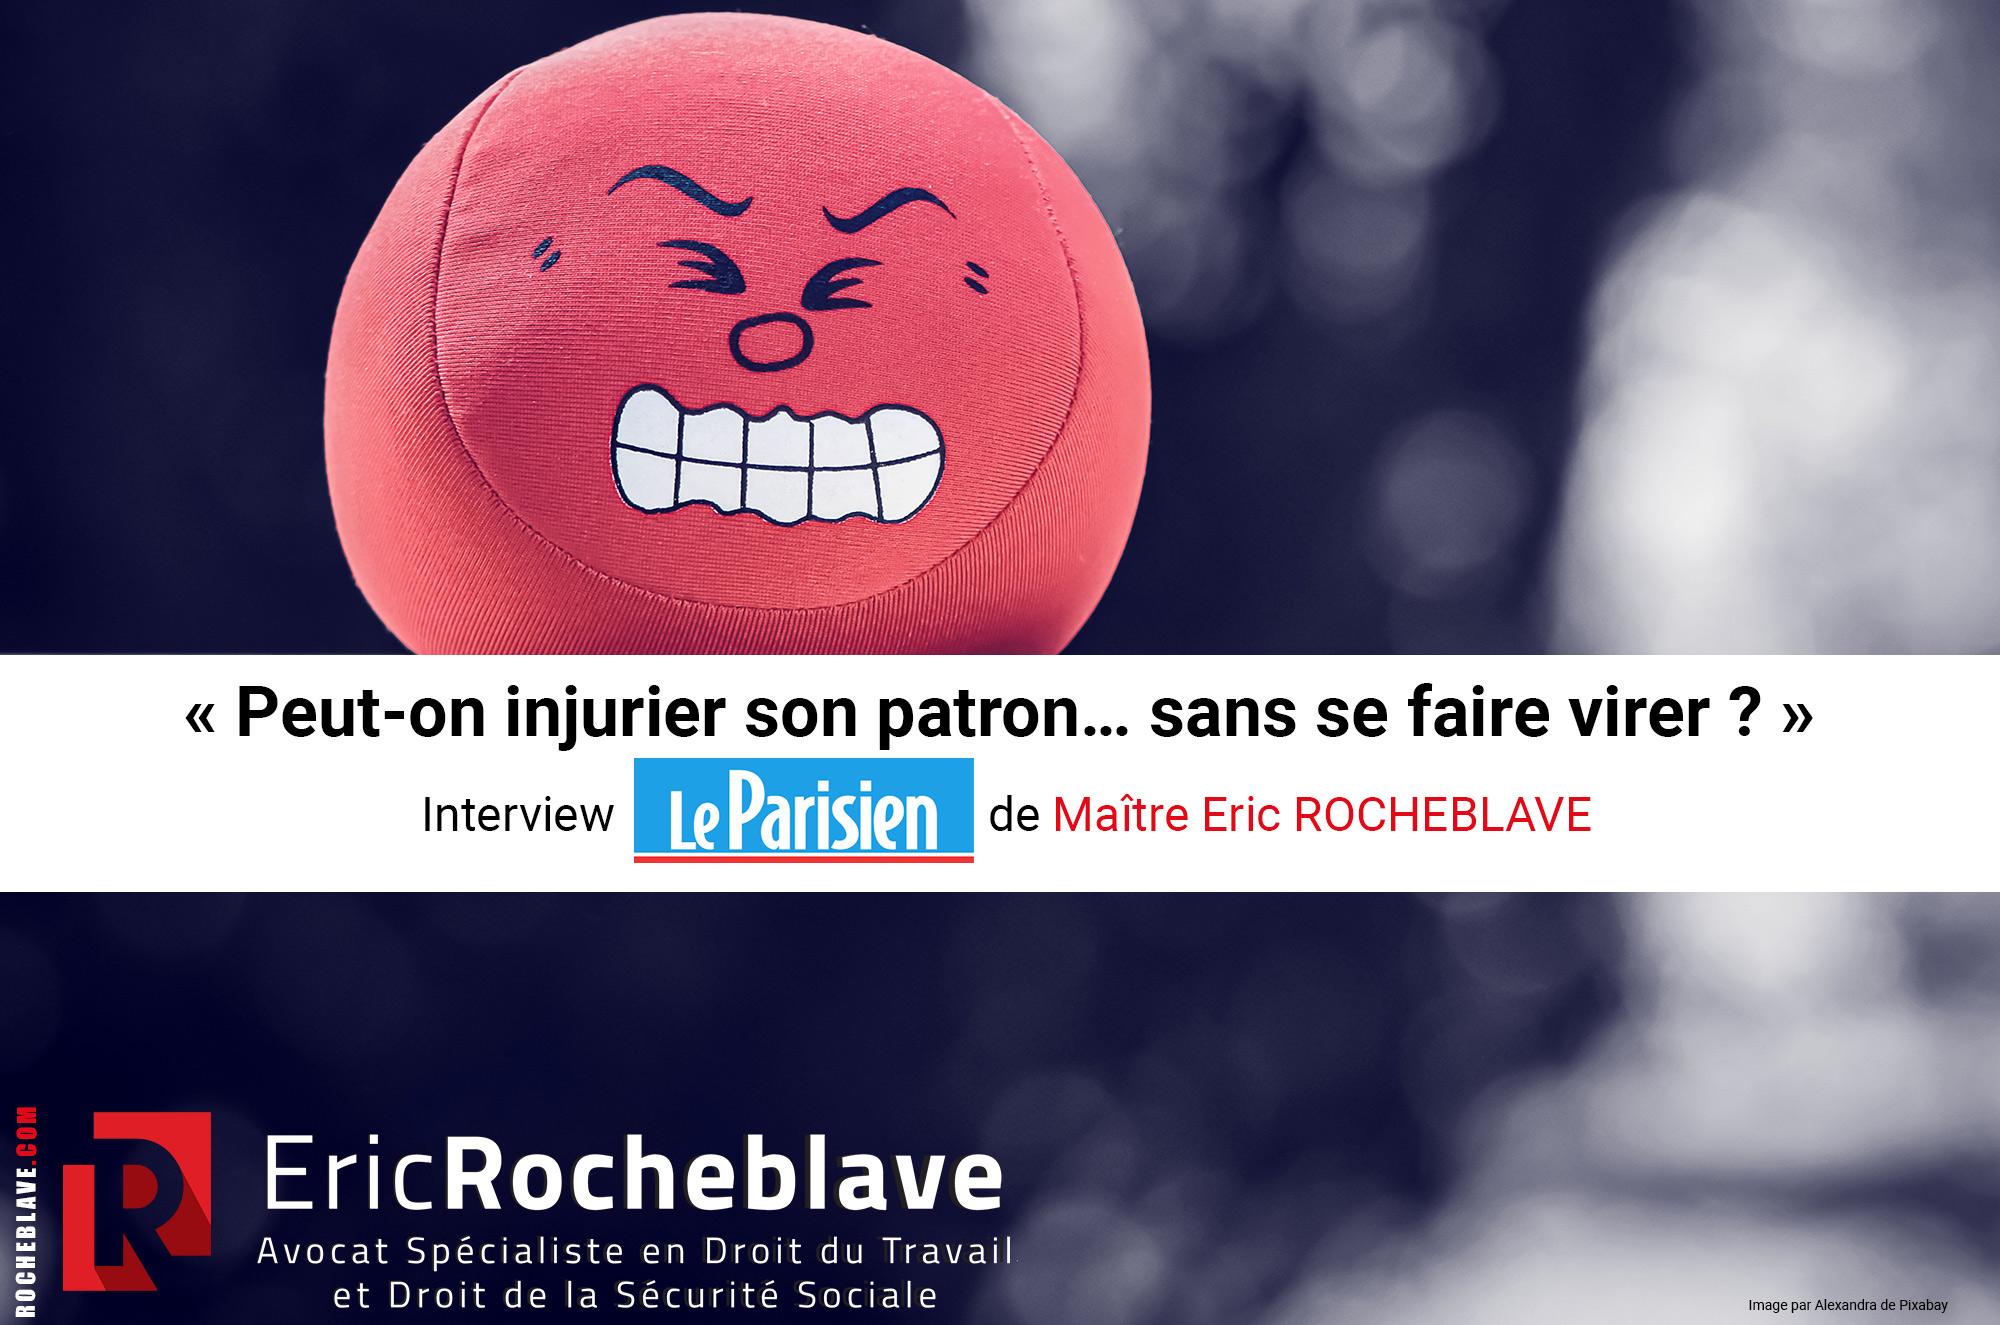 « Peut-on injurier son patron… sans se faire virer ? » Interview Le Parisien de Maître Eric ROCHEBLAVE